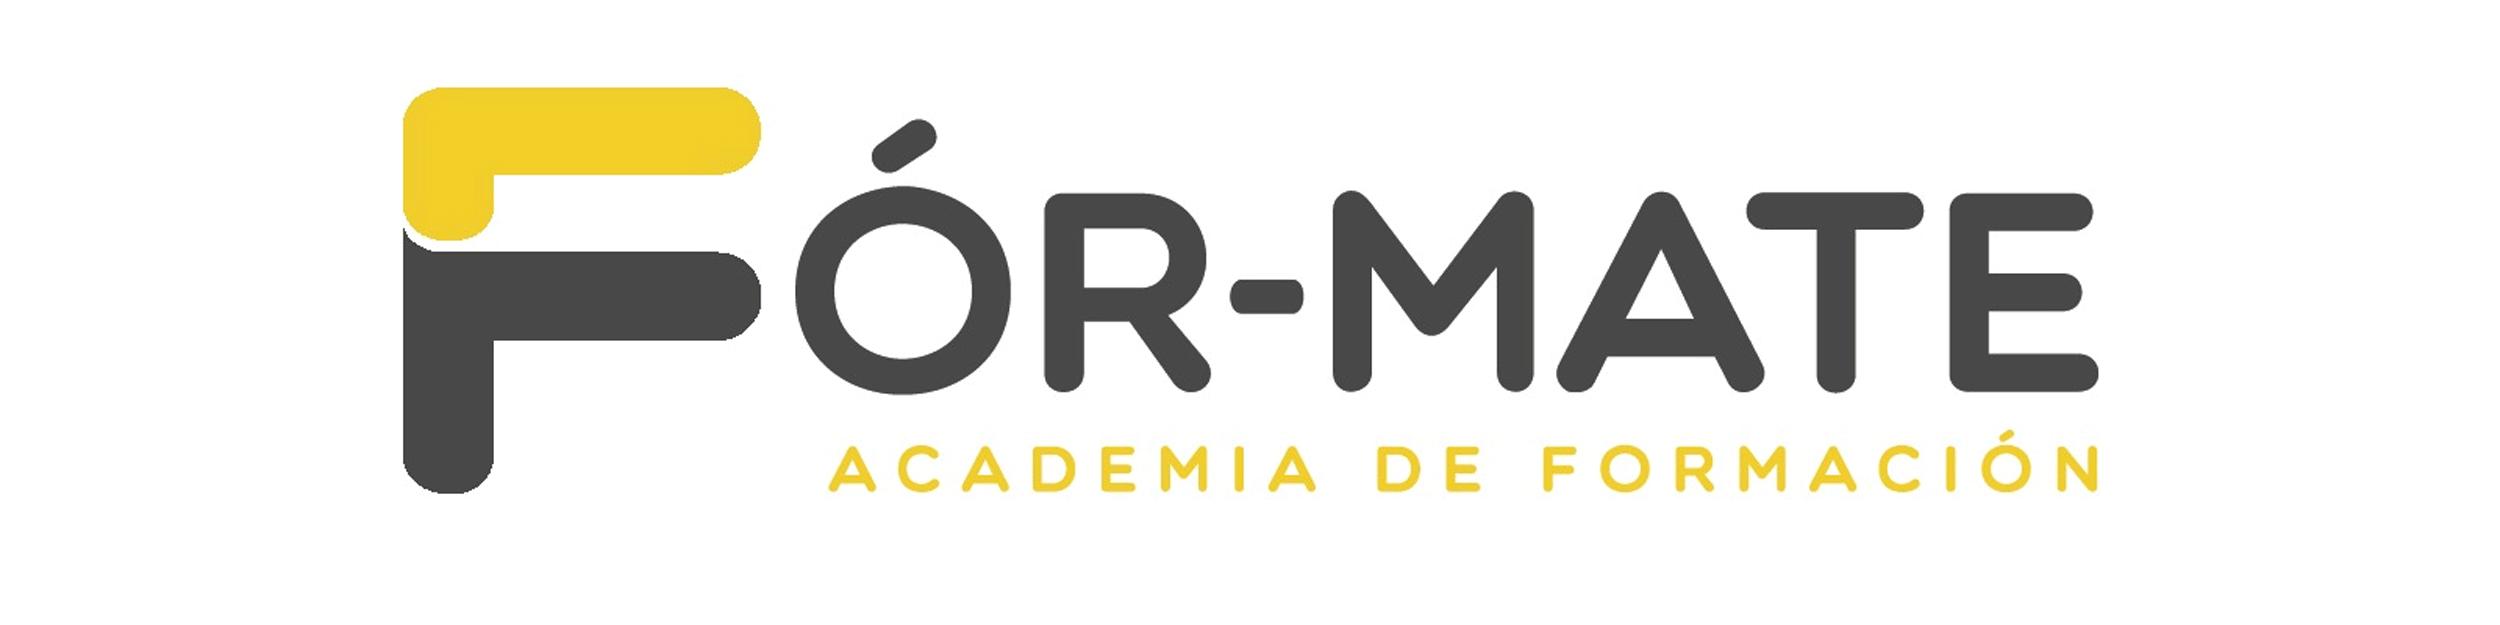 Academia Formación